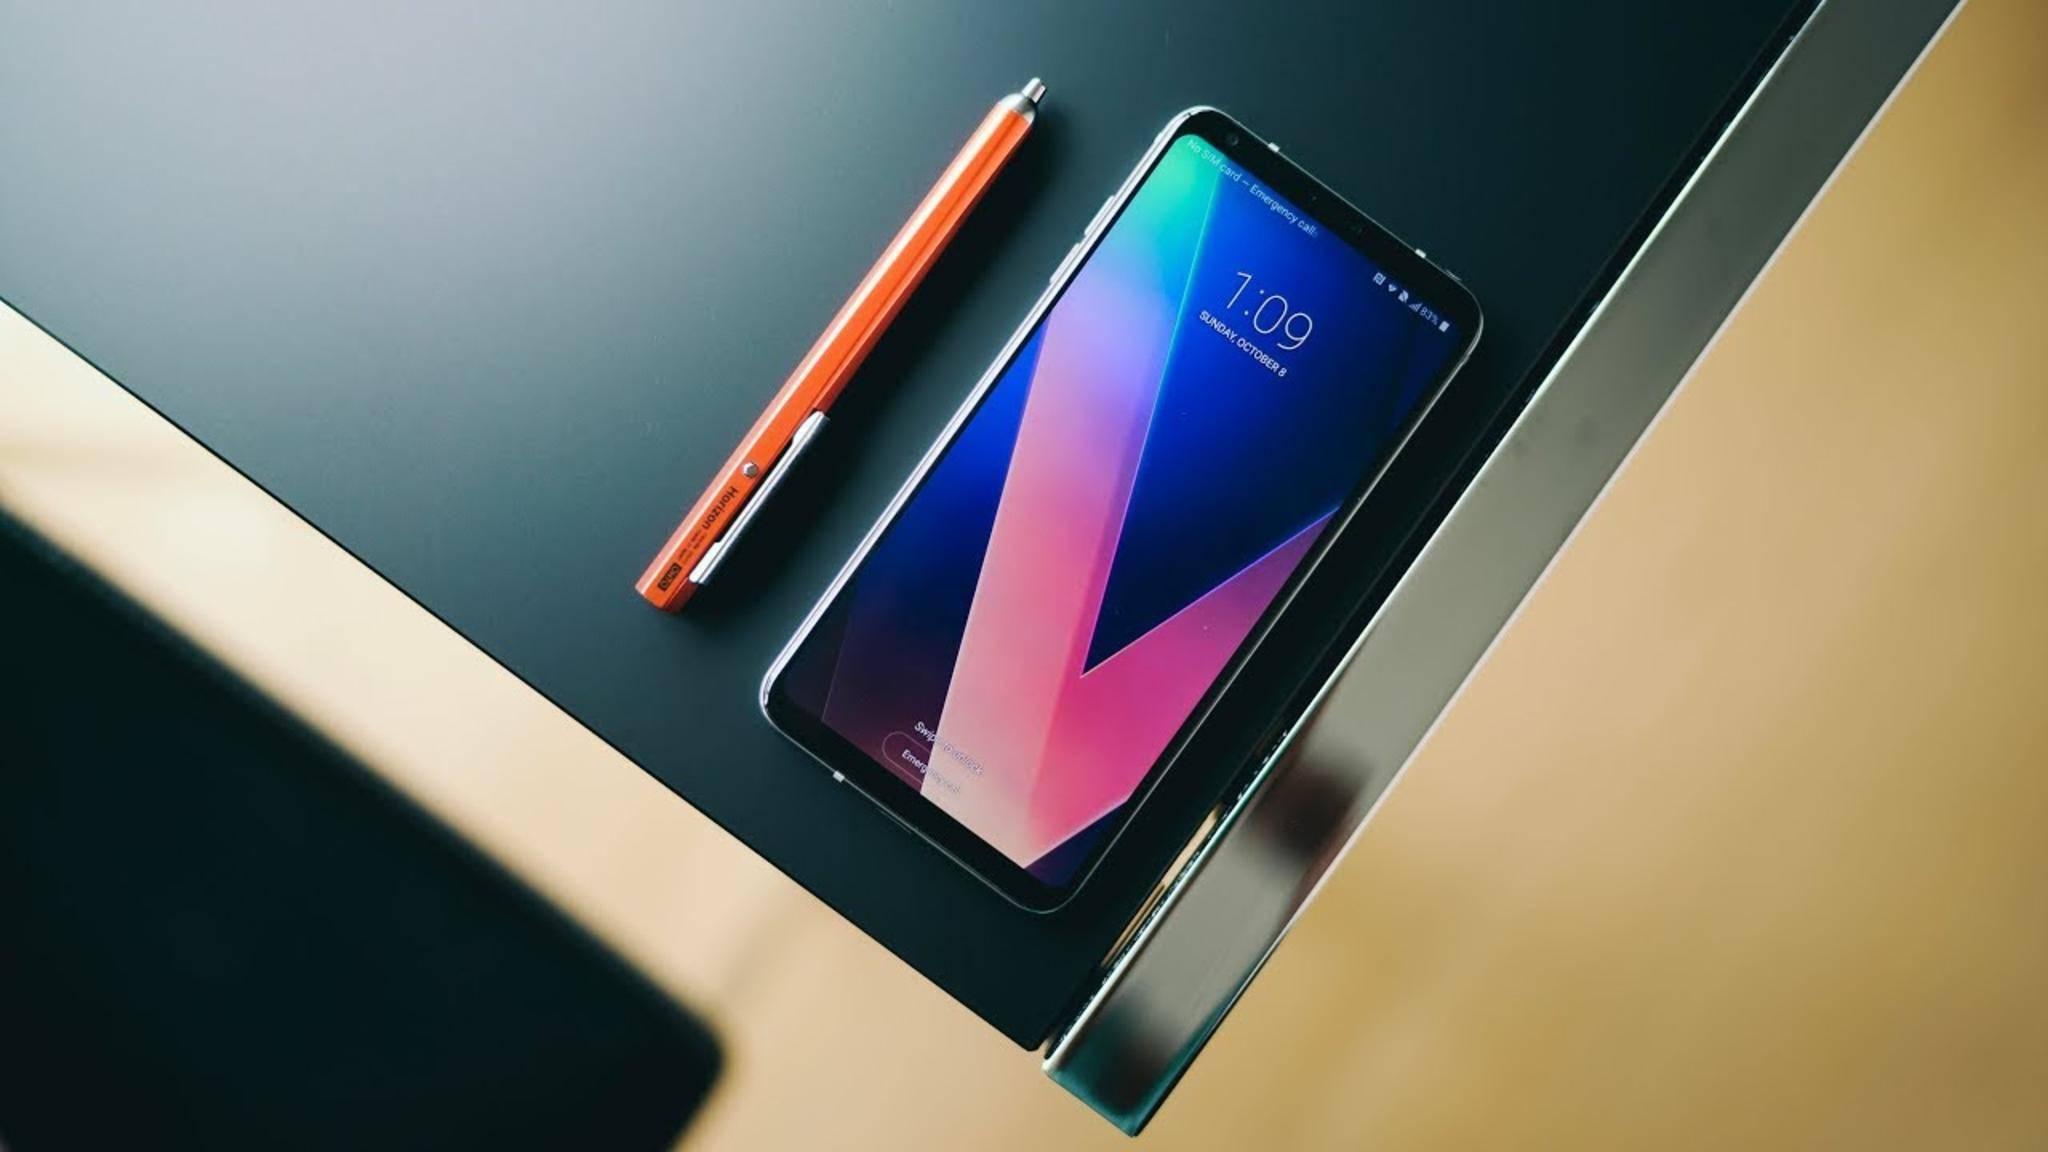 Zum MWC 2018 soll offenbar eine Deluxe-Version des LG V30 vorgestellt werden.